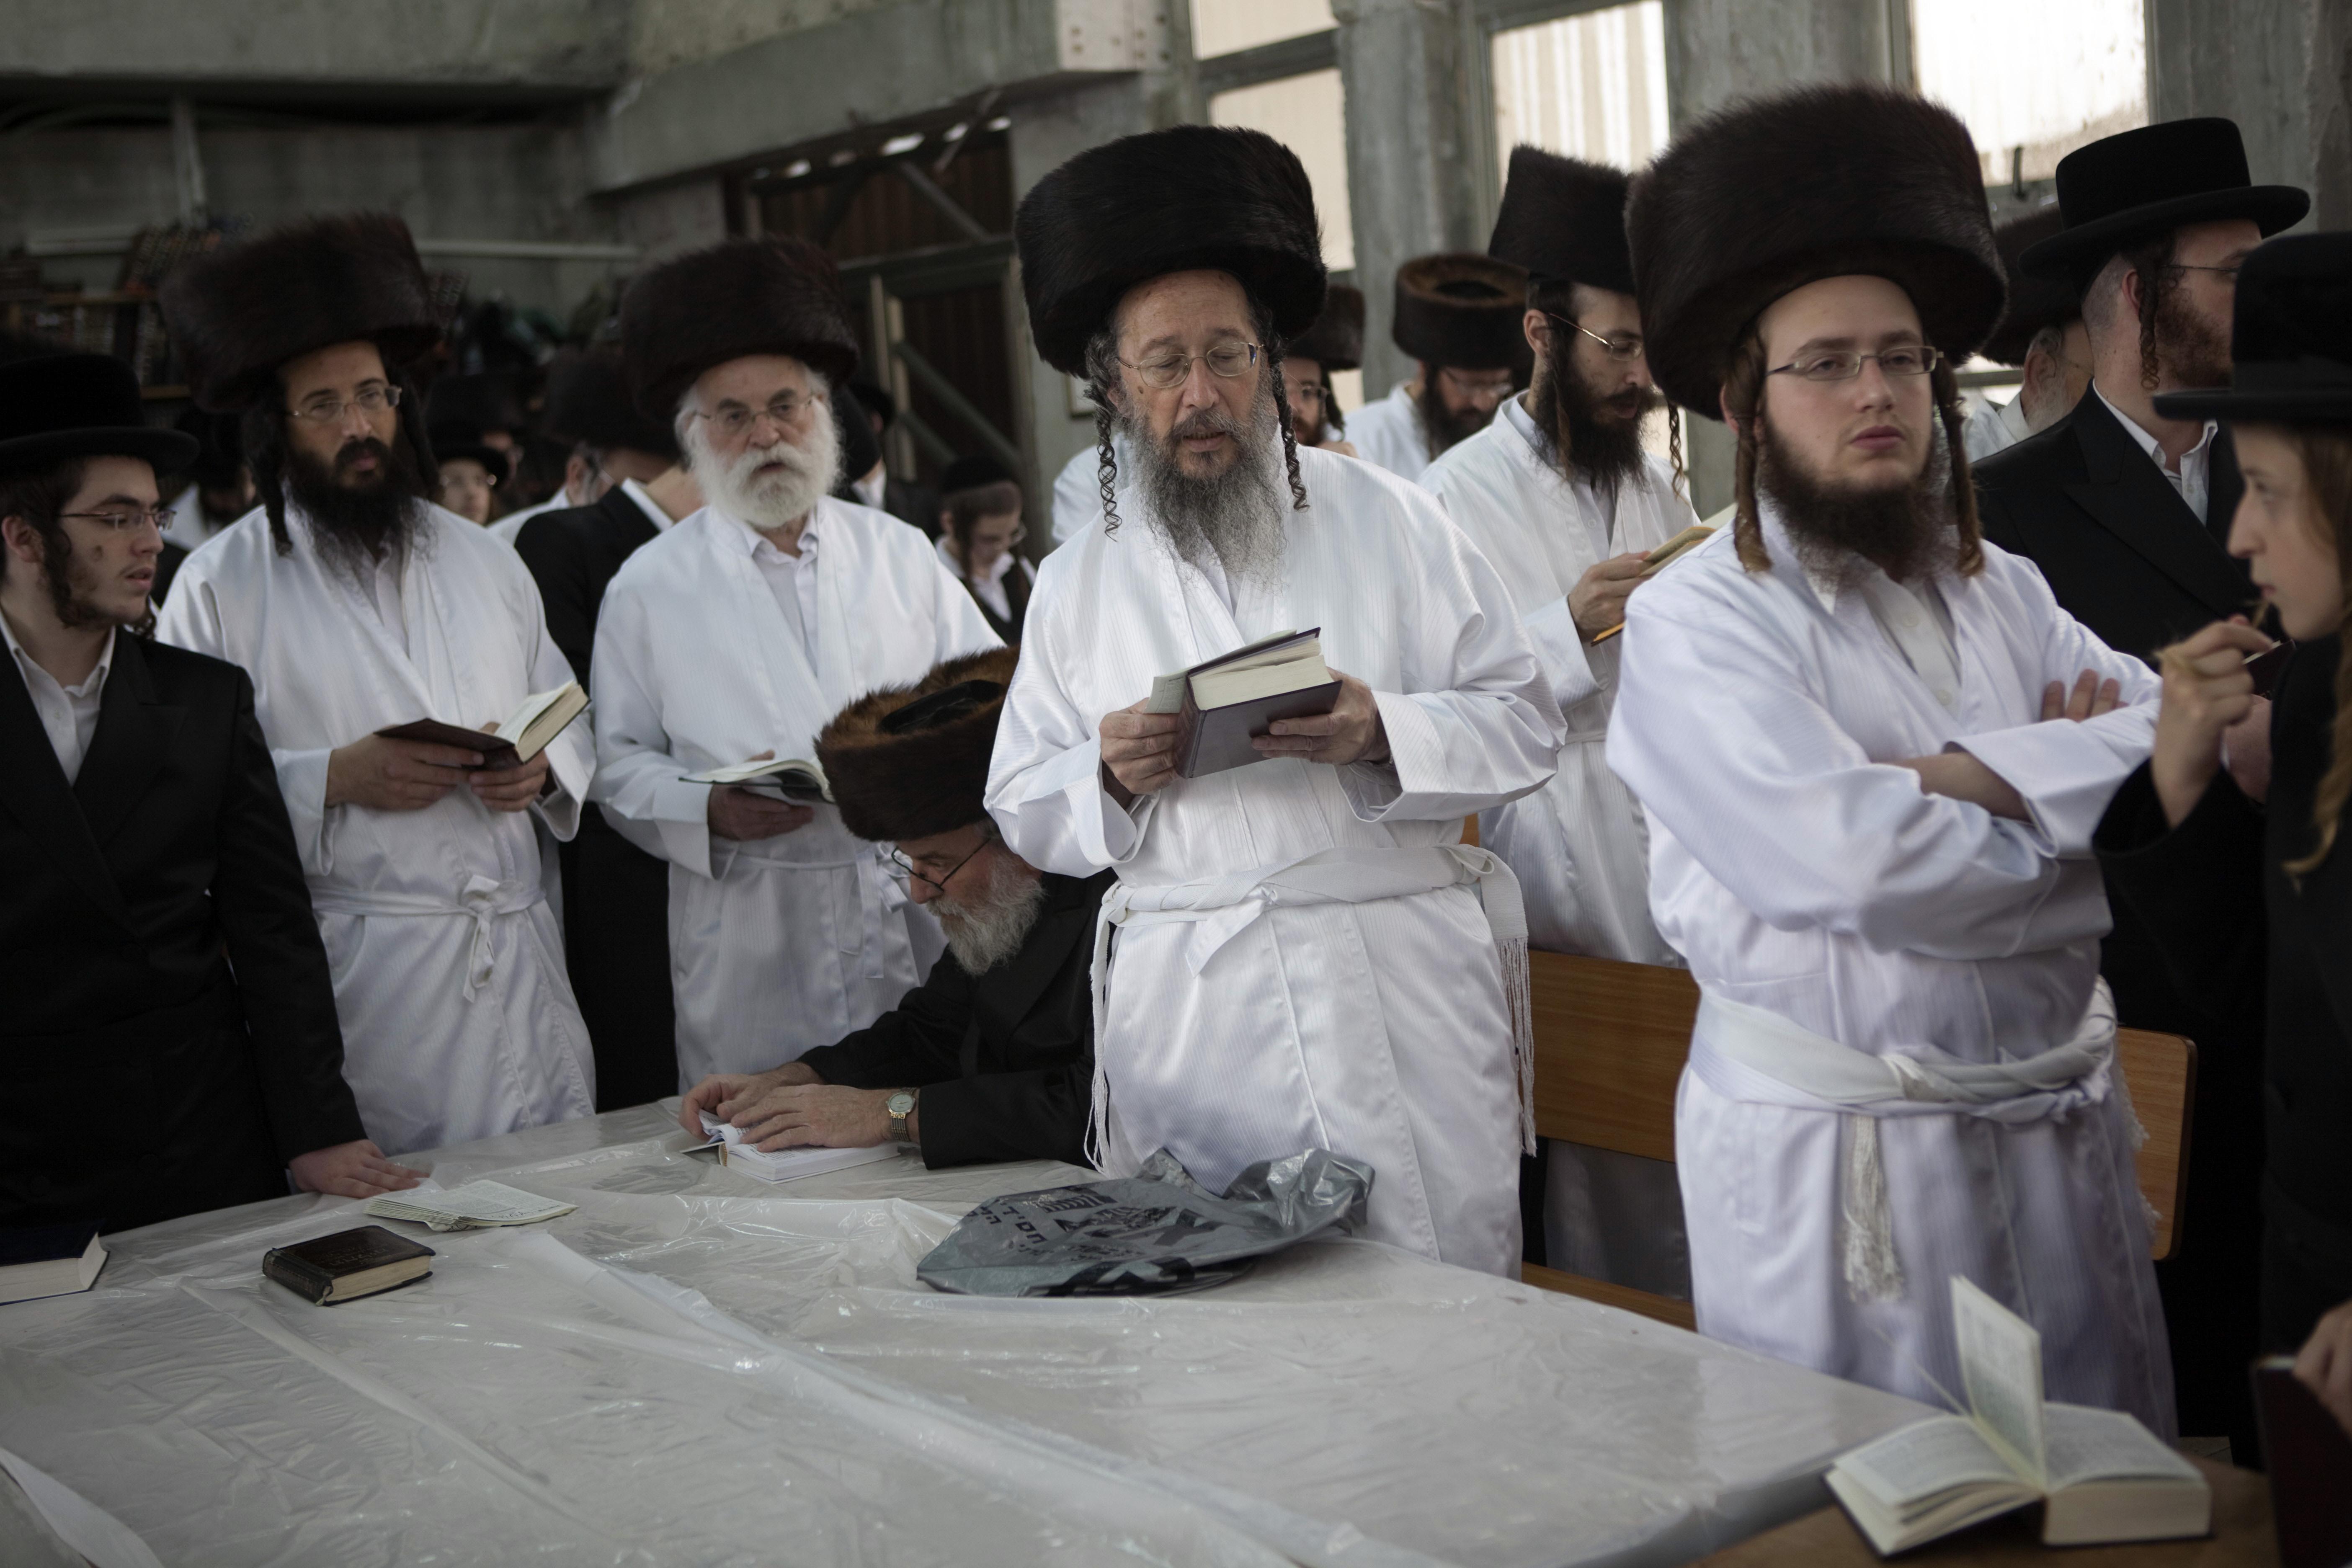 لأول مرة منذ 70 عاماً.. الأمم المتحدة تعترف رسميا بالعطلة اليهودية  يوم الغفران  - CNNArabic.com